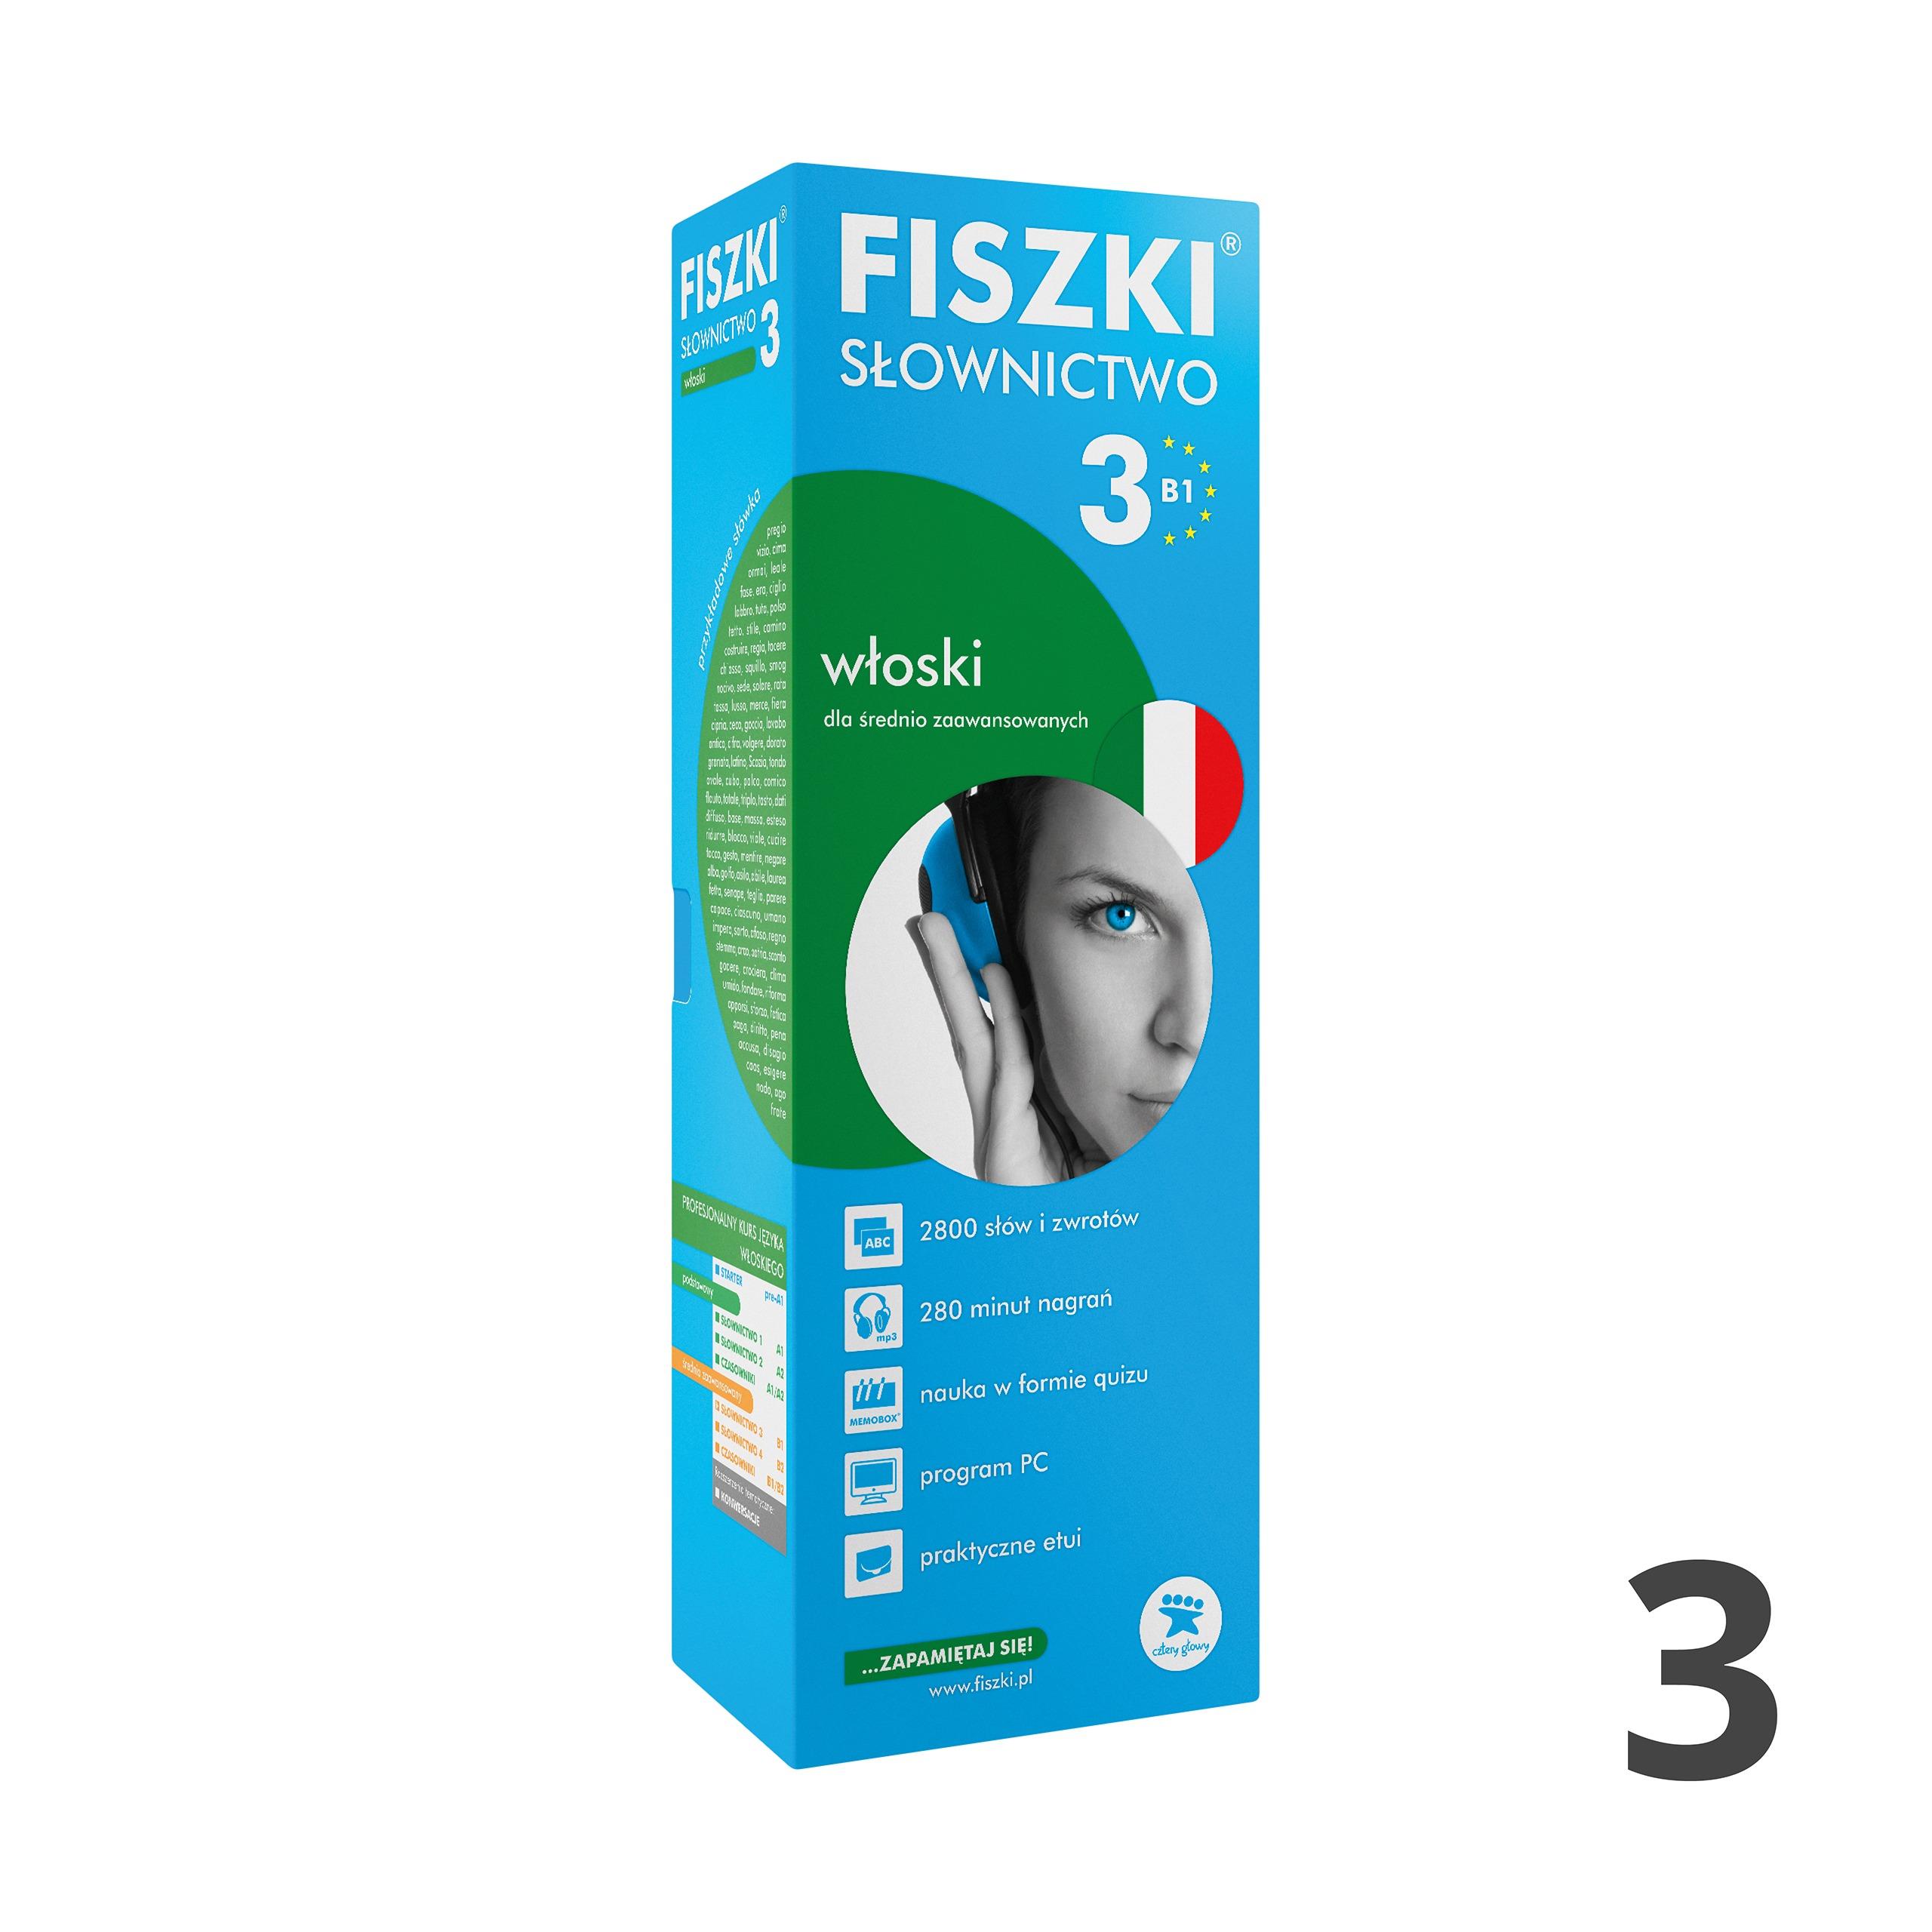 FISZKI - włoski - Słownictwo 3 (B1)